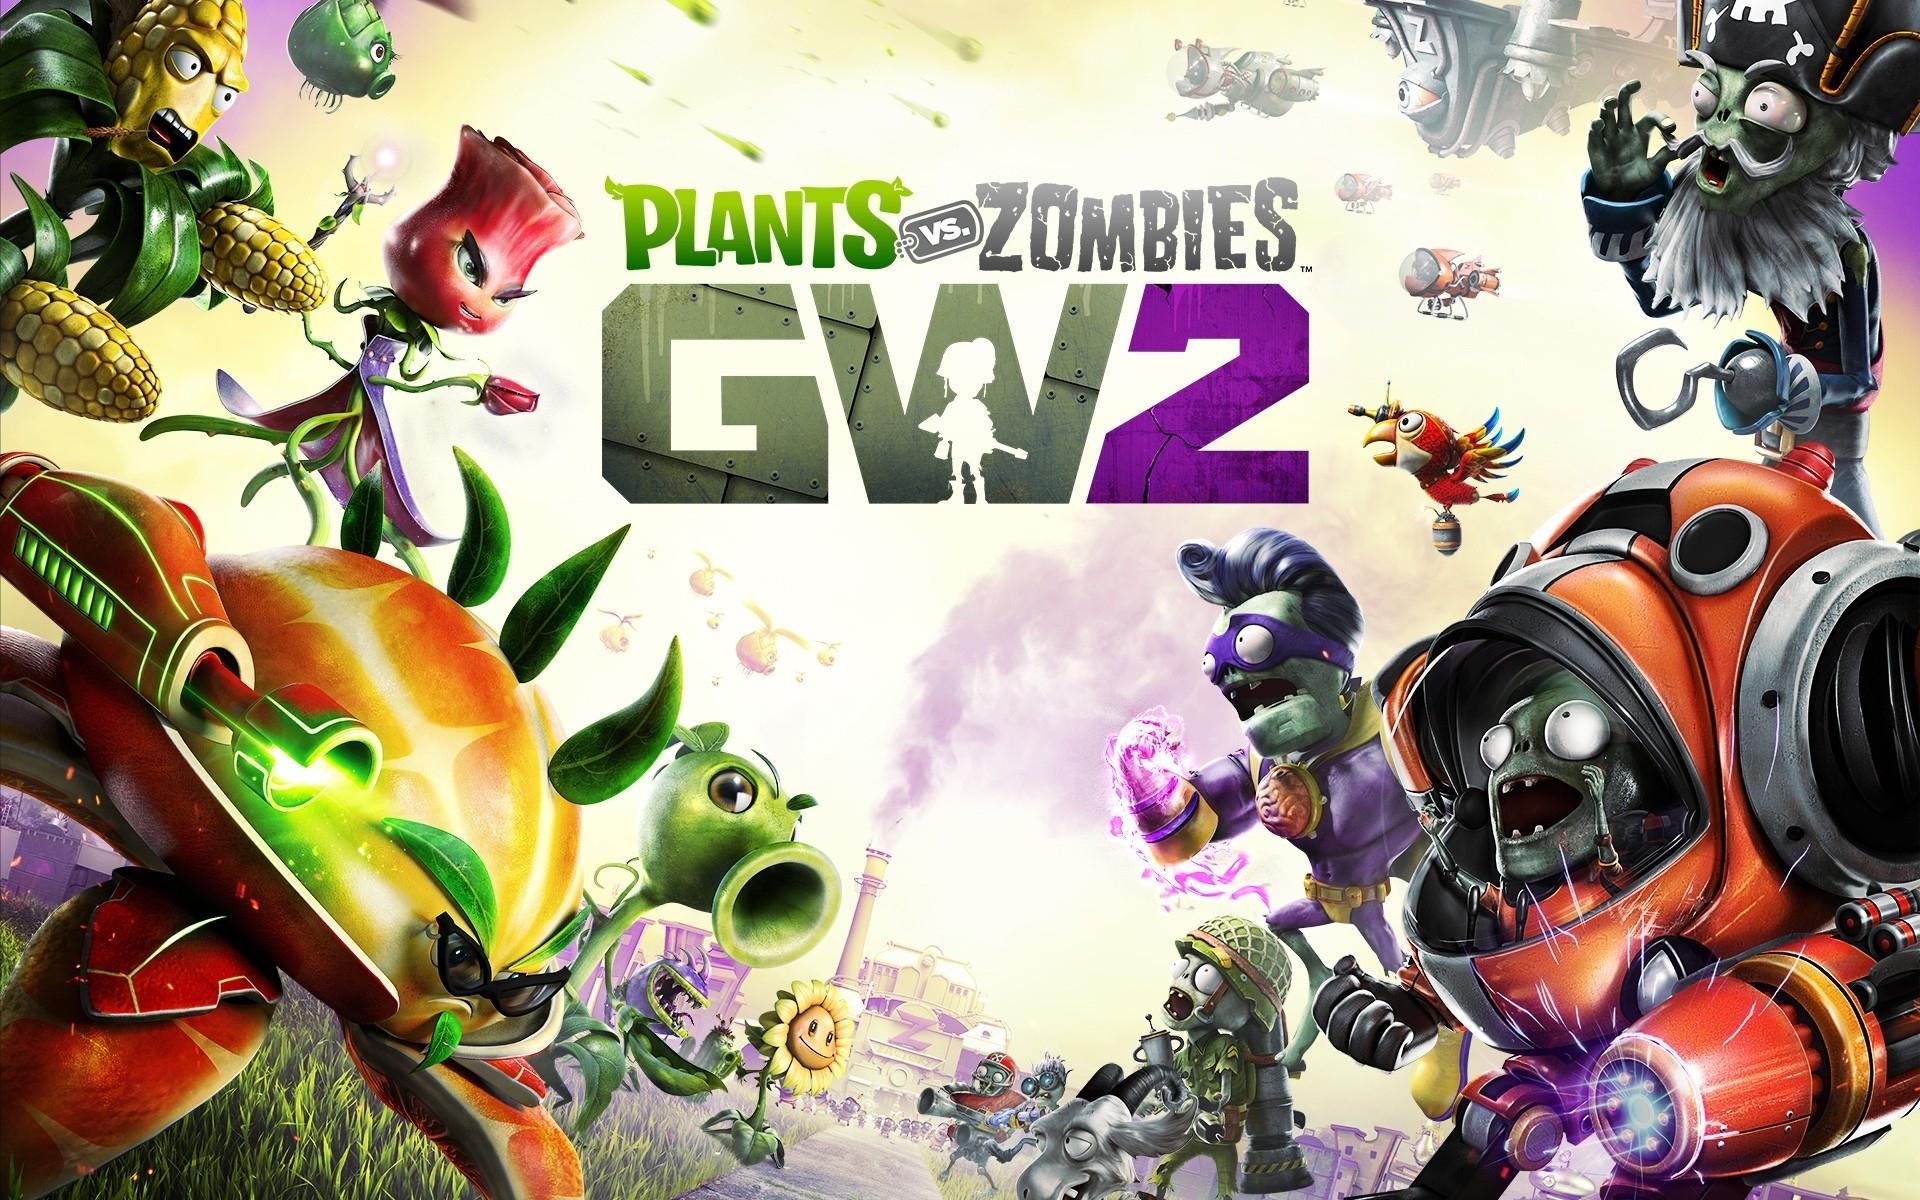 plants vs zombies garden warfare 2 wallpapers   hd wallpapers   id